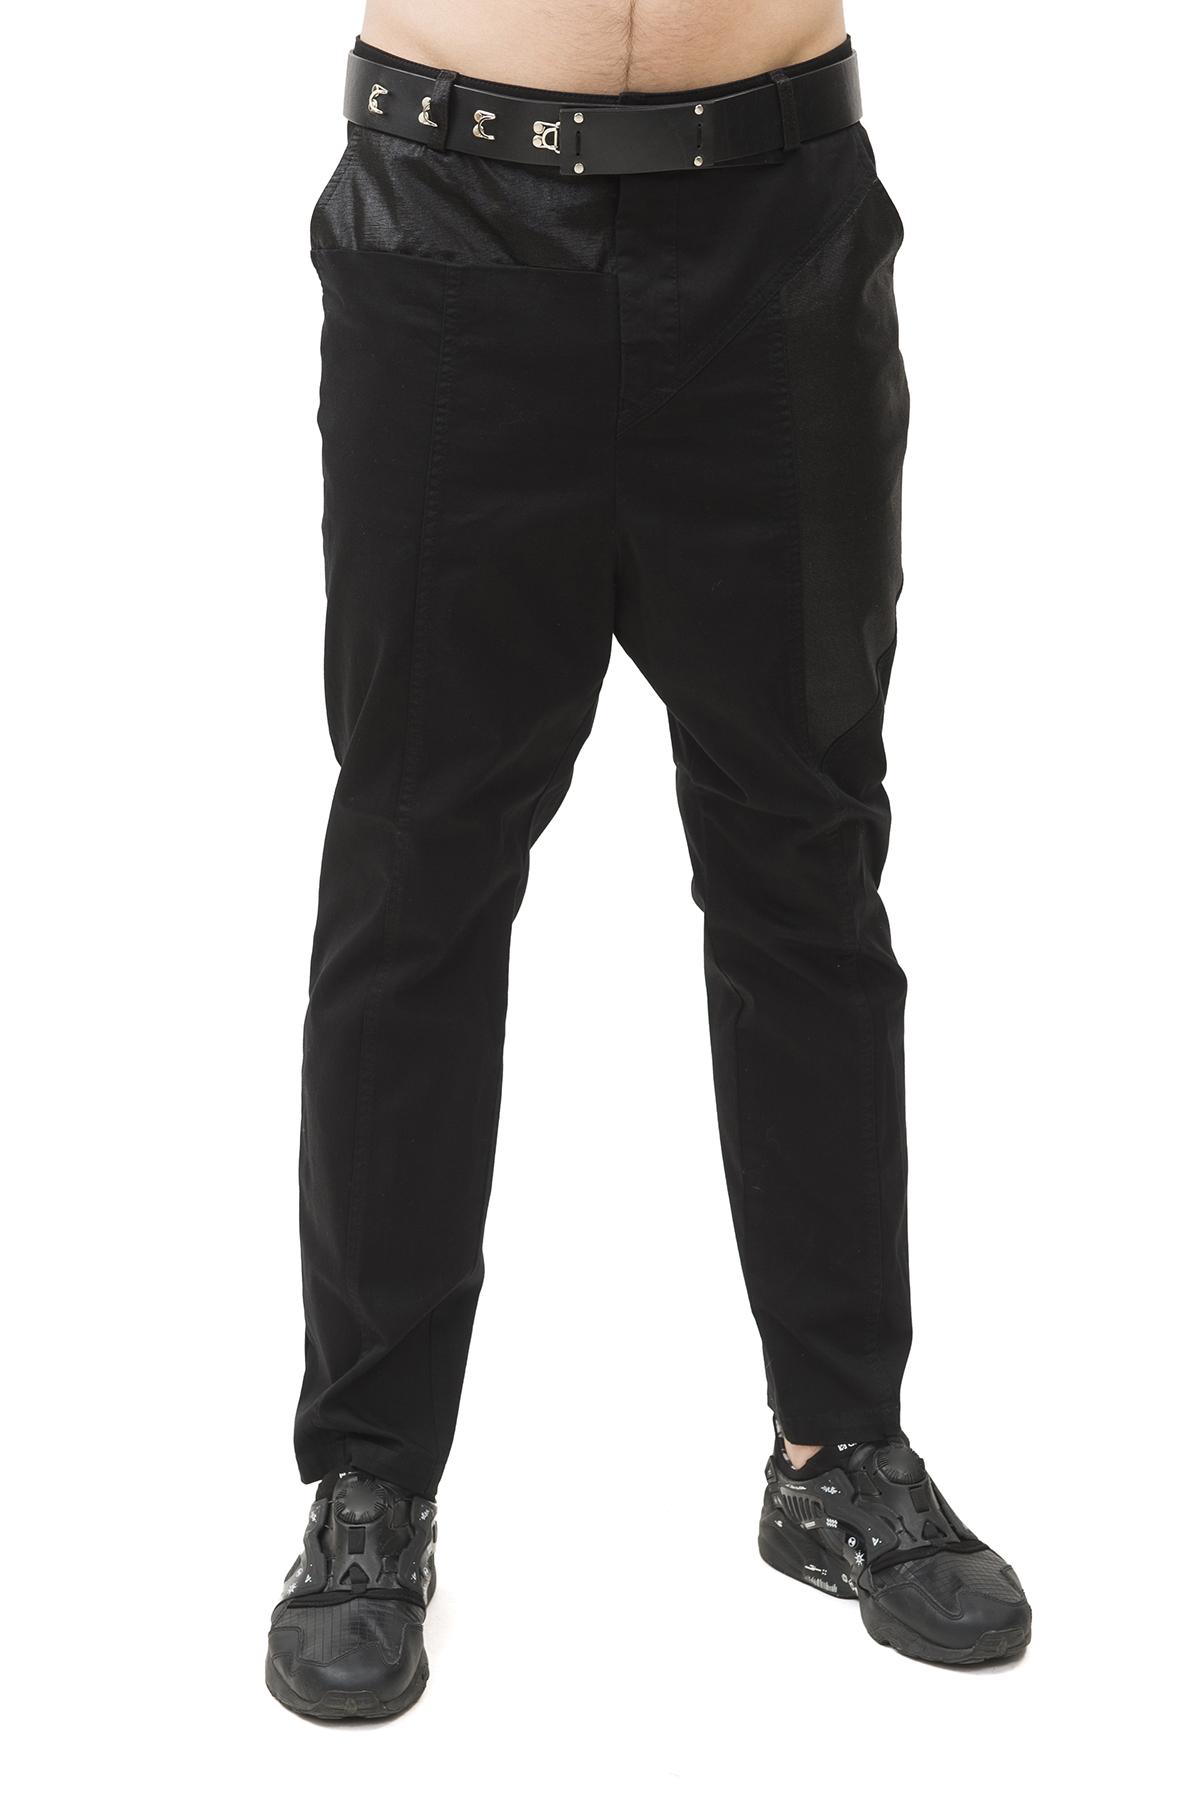 БрюкиБрюки, джинсы, шорты от производителя<br>Брюки Pavel Yerokin выполнены из хлопкового текстиля. Особенности: застежка на молнии и пуговицу, 5 карманов, шлевки для ремня.<br><br>Цвет: черный<br>Состав: Материал 1 - Хлопок - 97%, Спандекс - 3%  Материал 2 - Хлопок - 95%, Полиуретан - 5%<br>Размер: 44,46,48,50<br>Страна дизайна: Россия<br>Страна производства: Россия